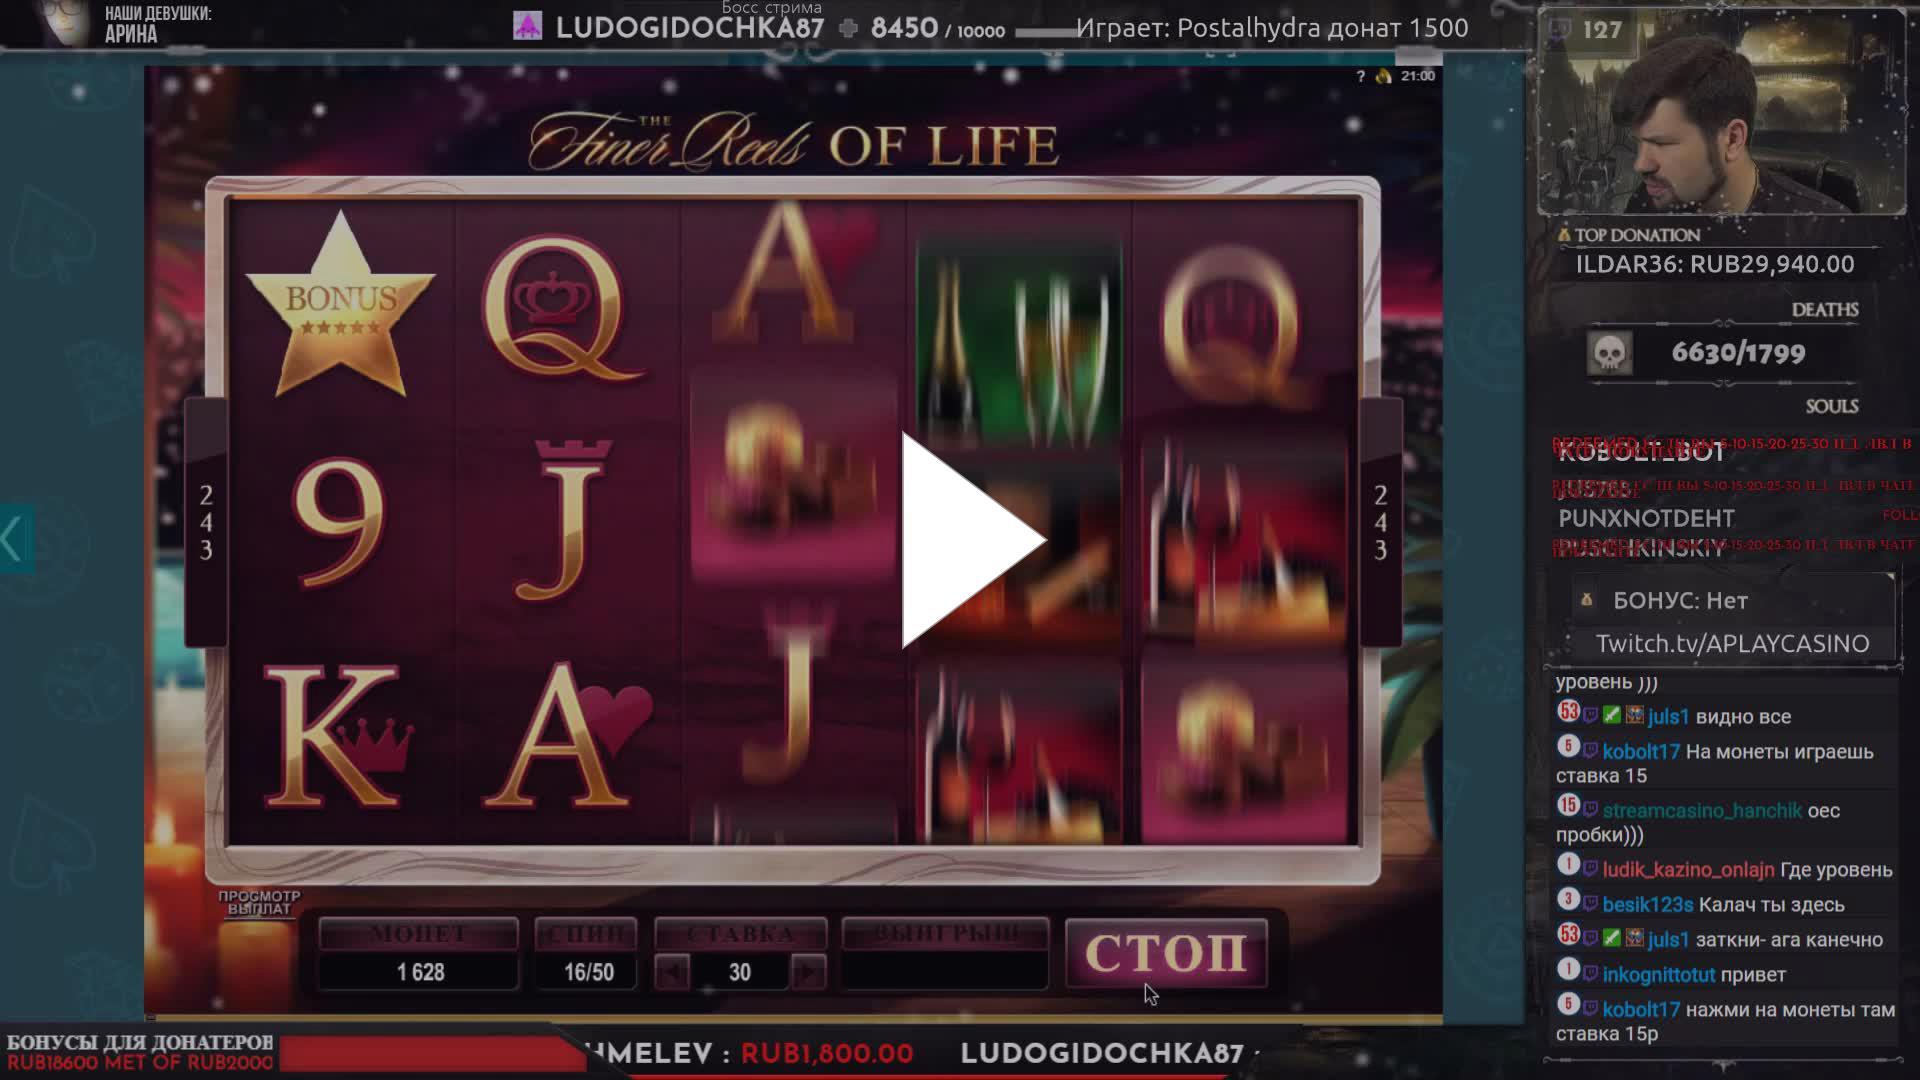 aplay casino промокод